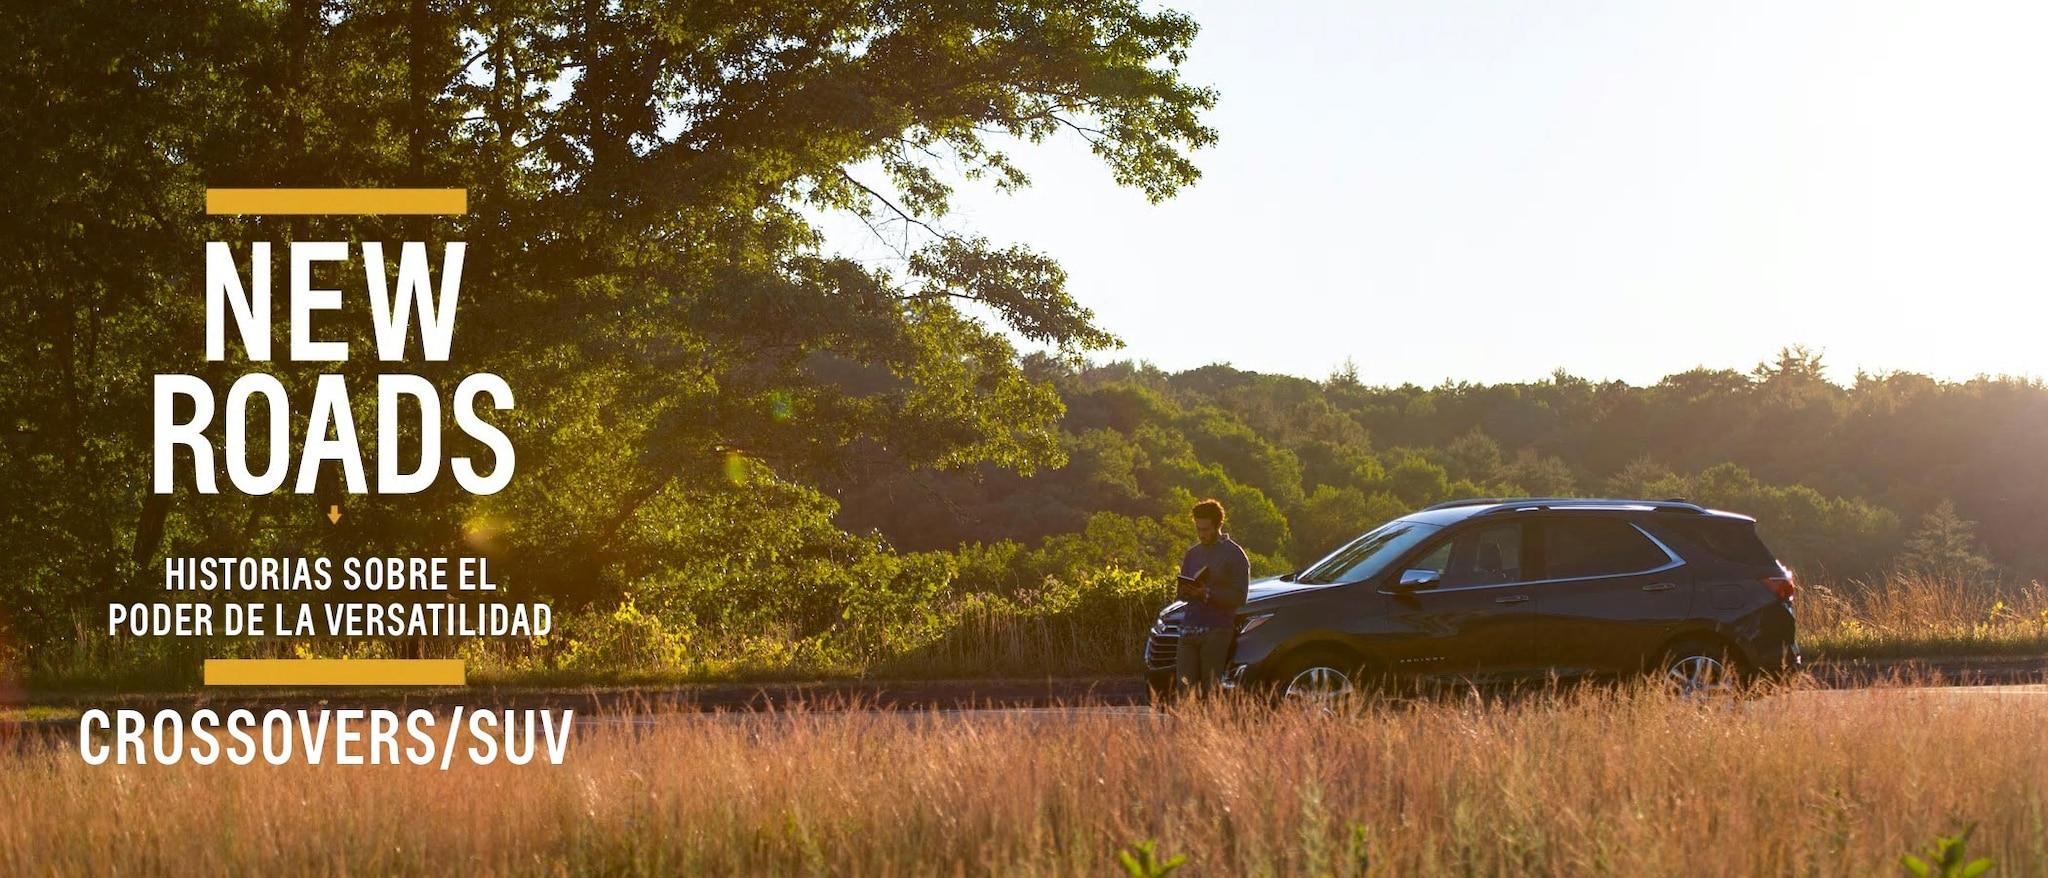 Un hombre se encuentra en frente de una Chevrolet Equinox estacionada al costado del camino cerca de un campo dorado.